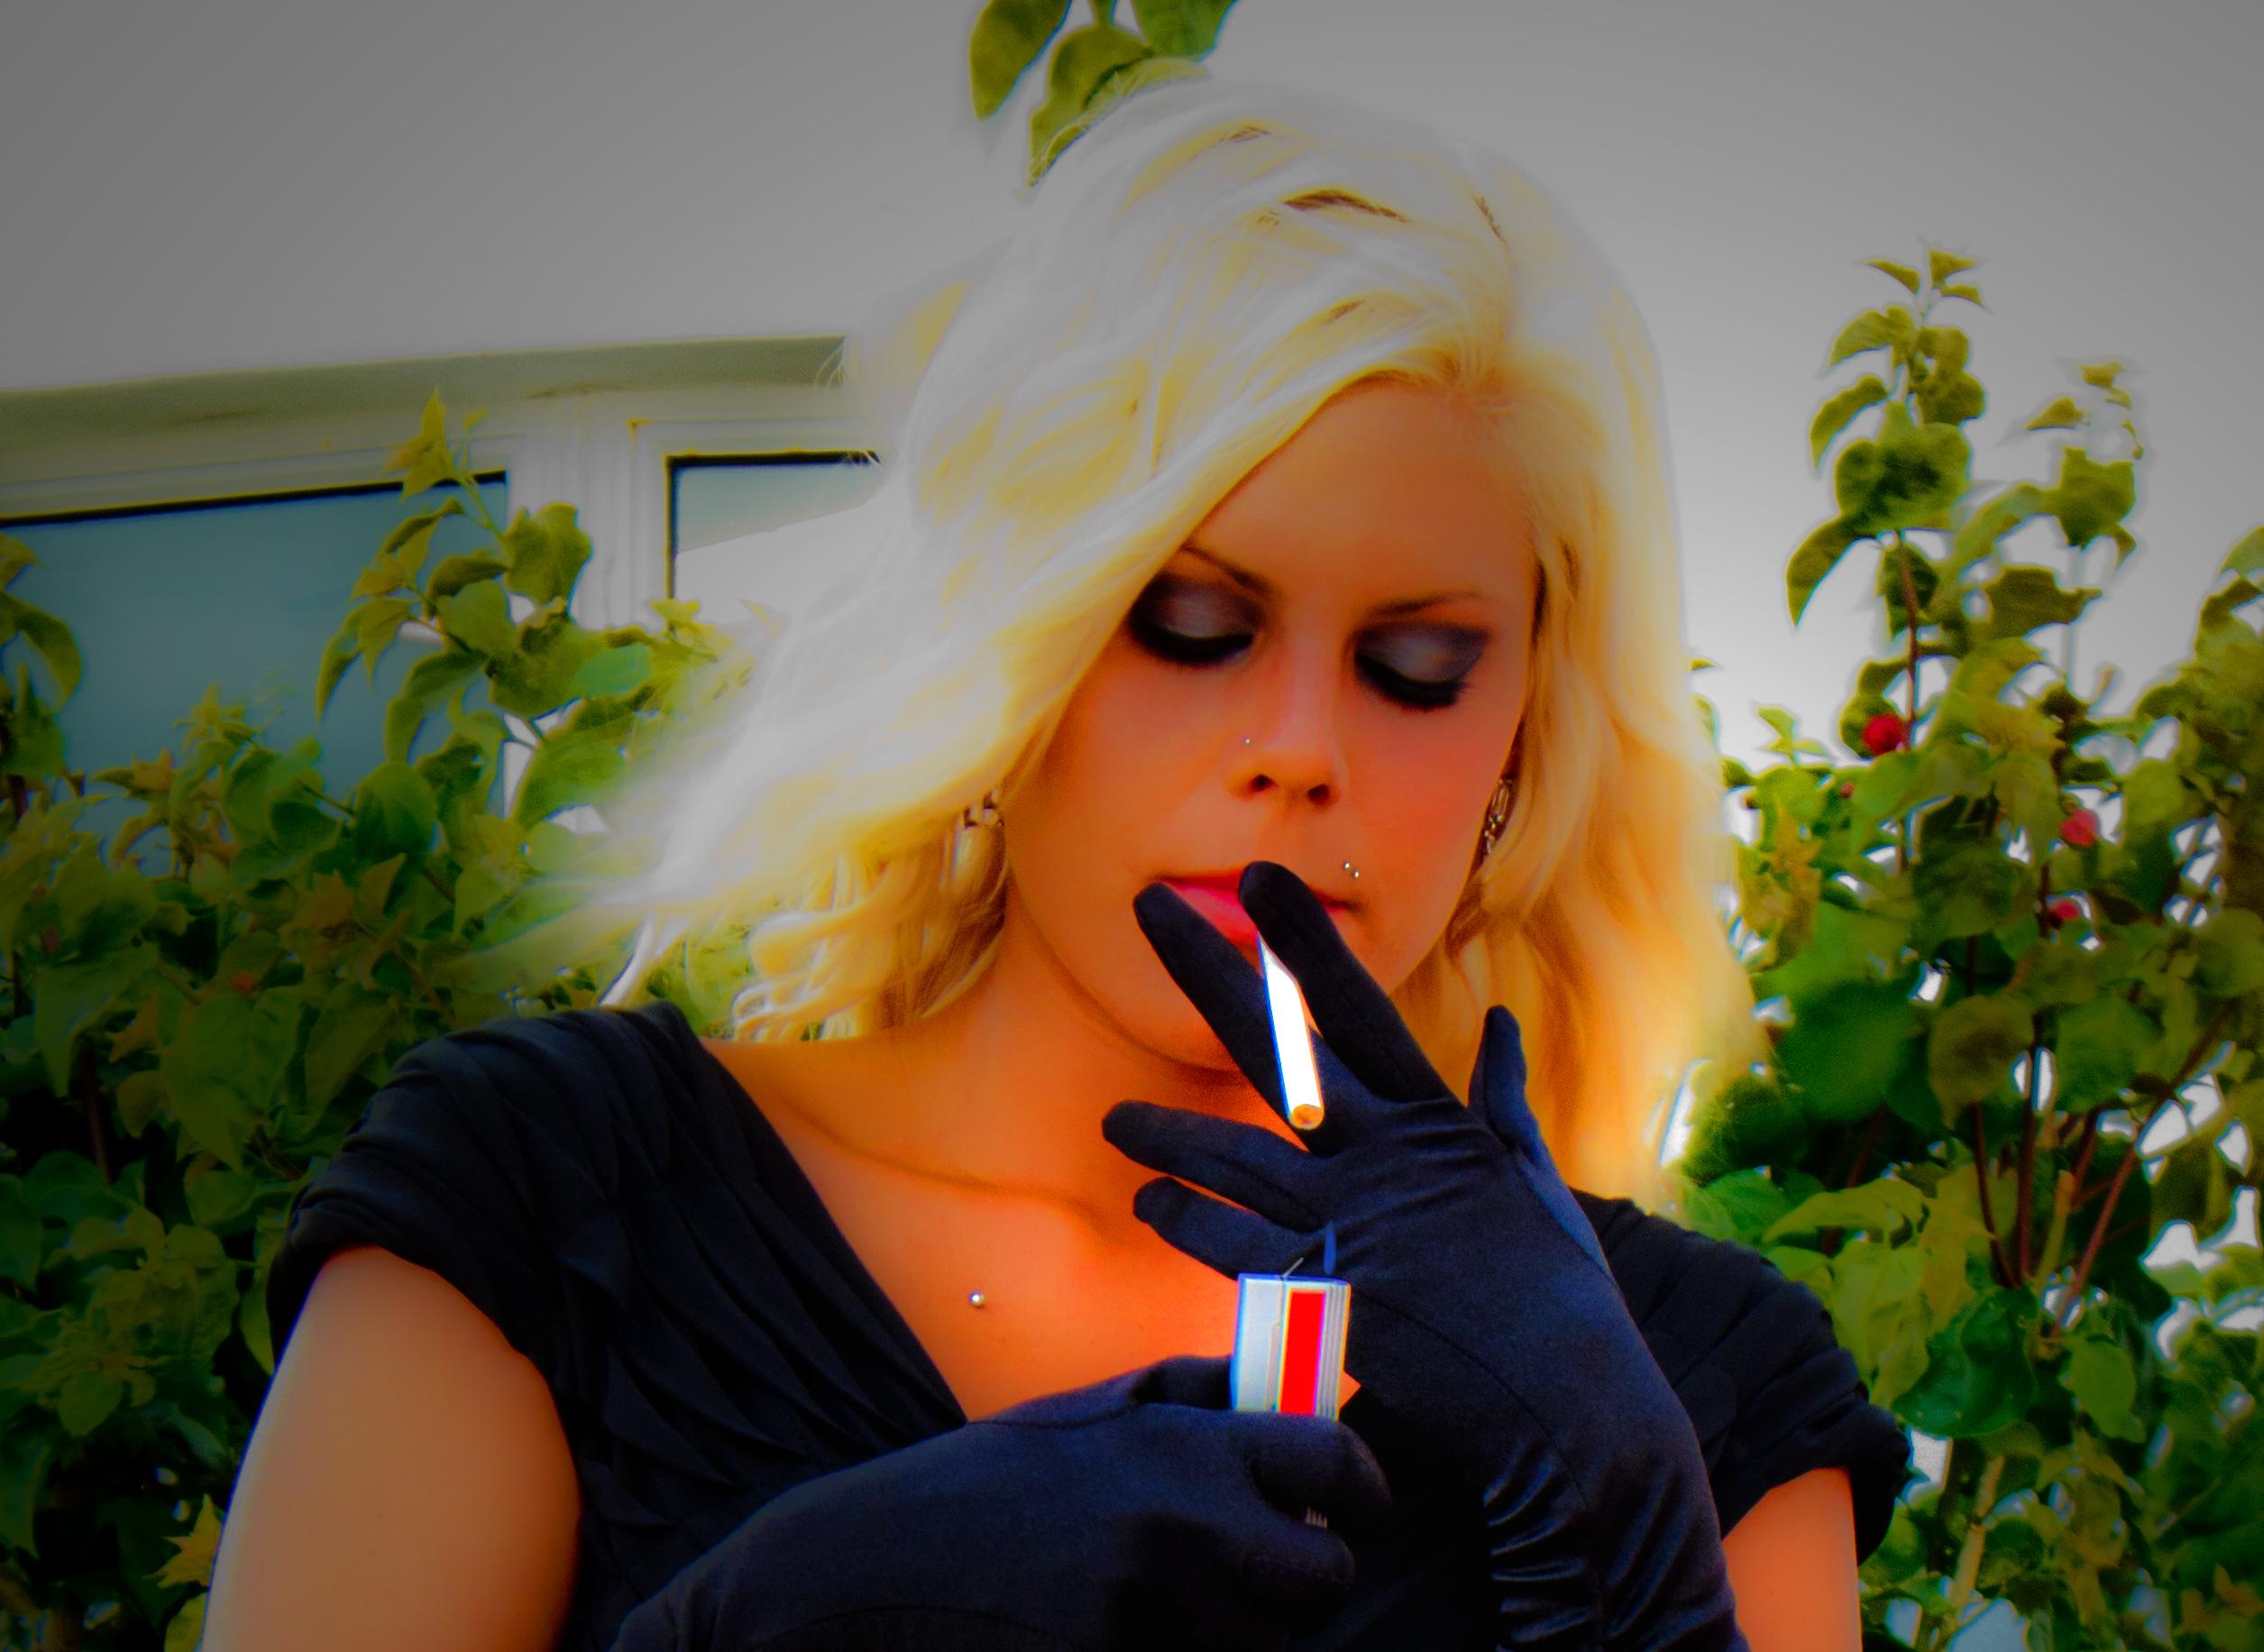 dívčí dívka kouření velký houba péro